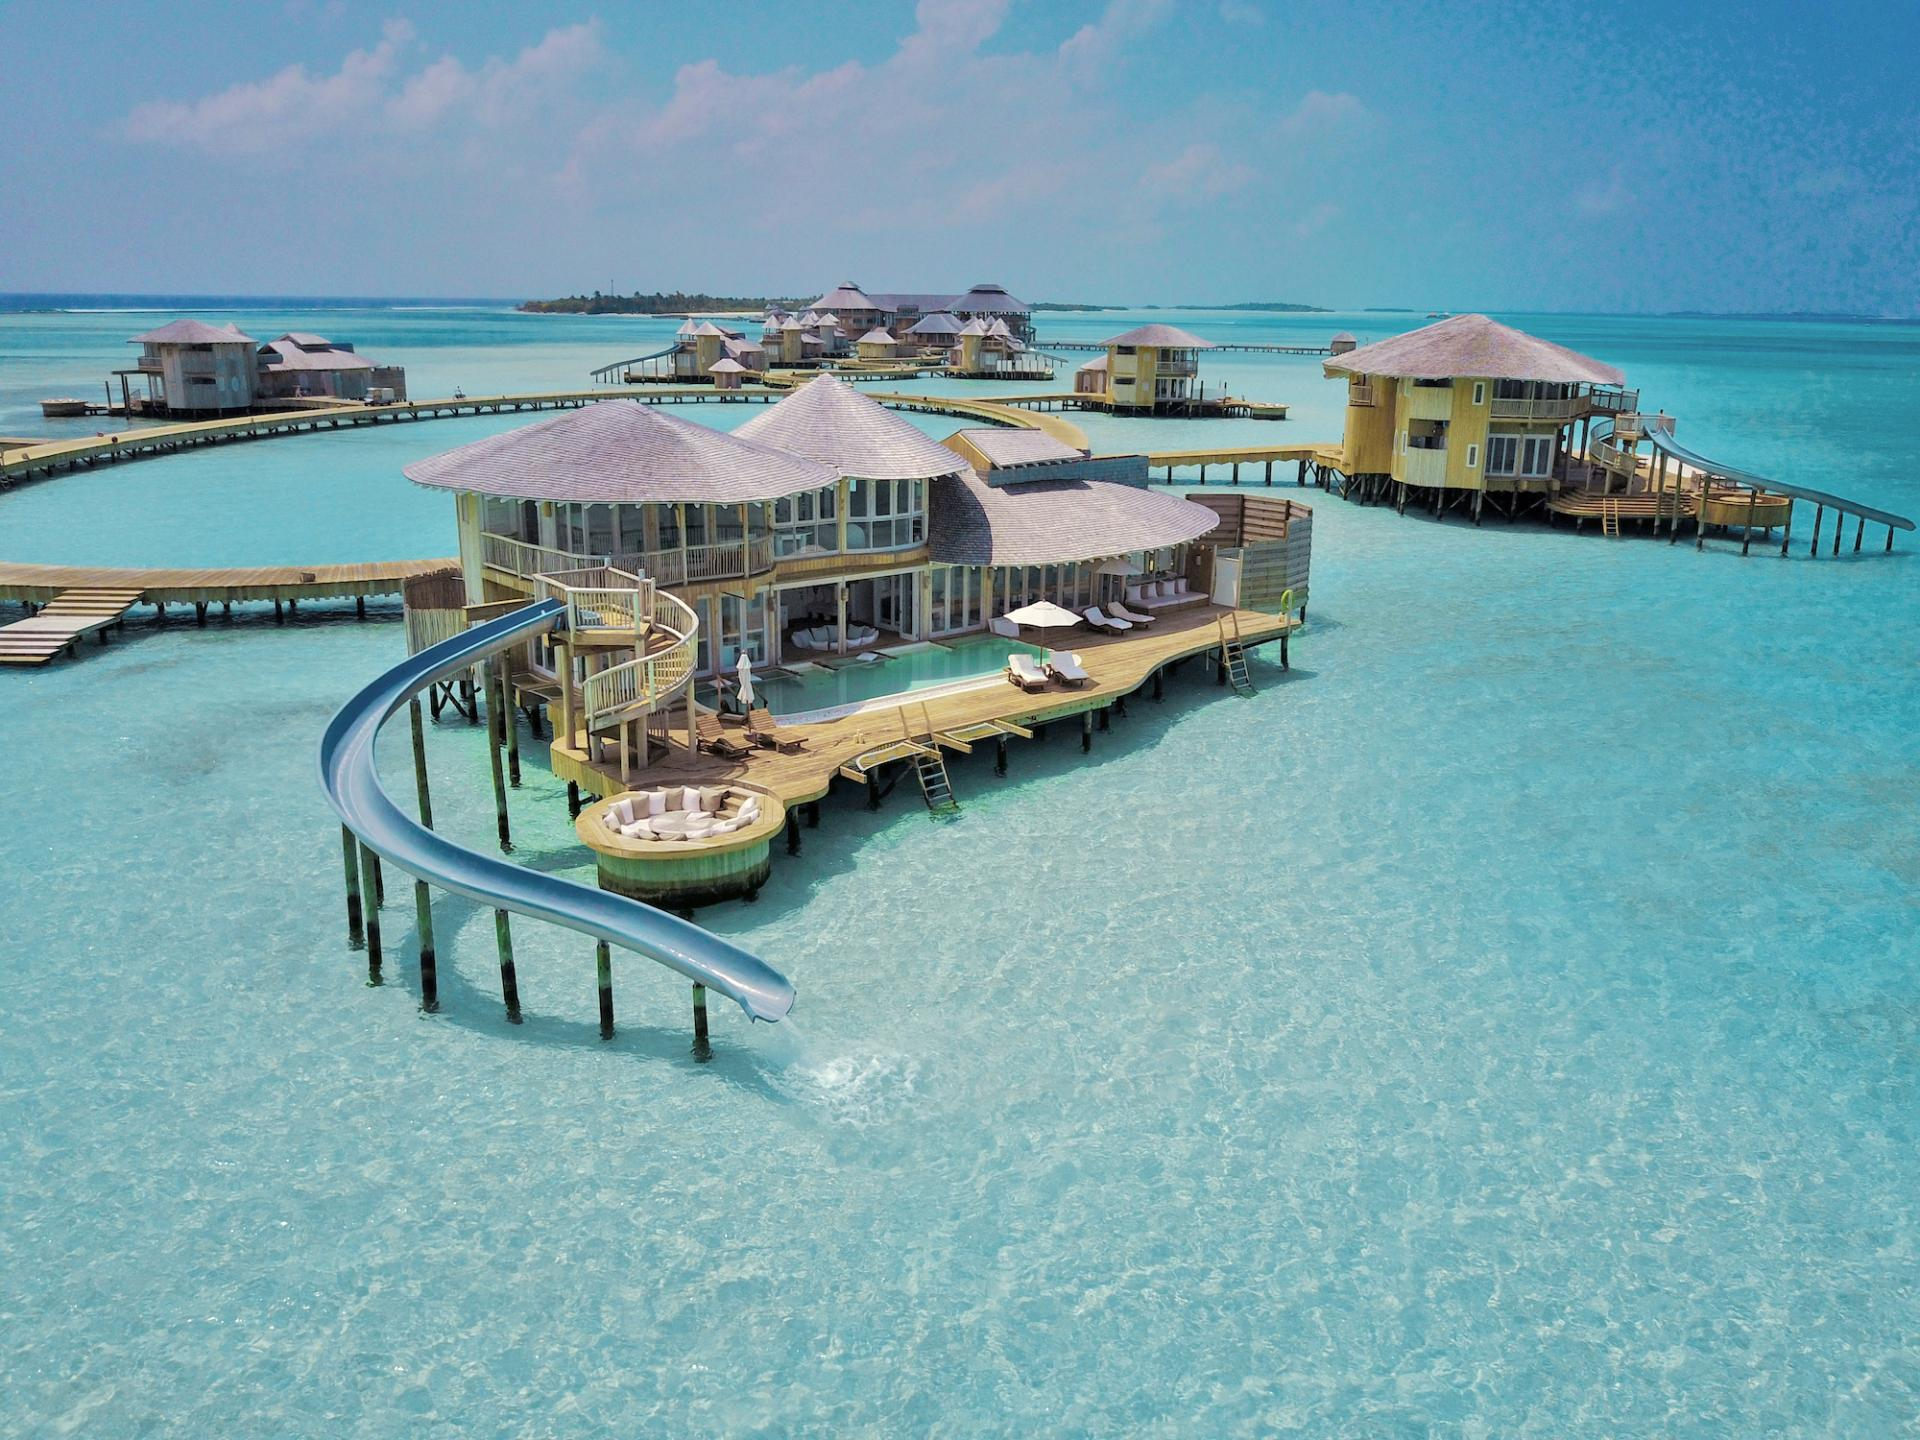 روعه السفر الي جزر المالديف مع الاطفال (7)